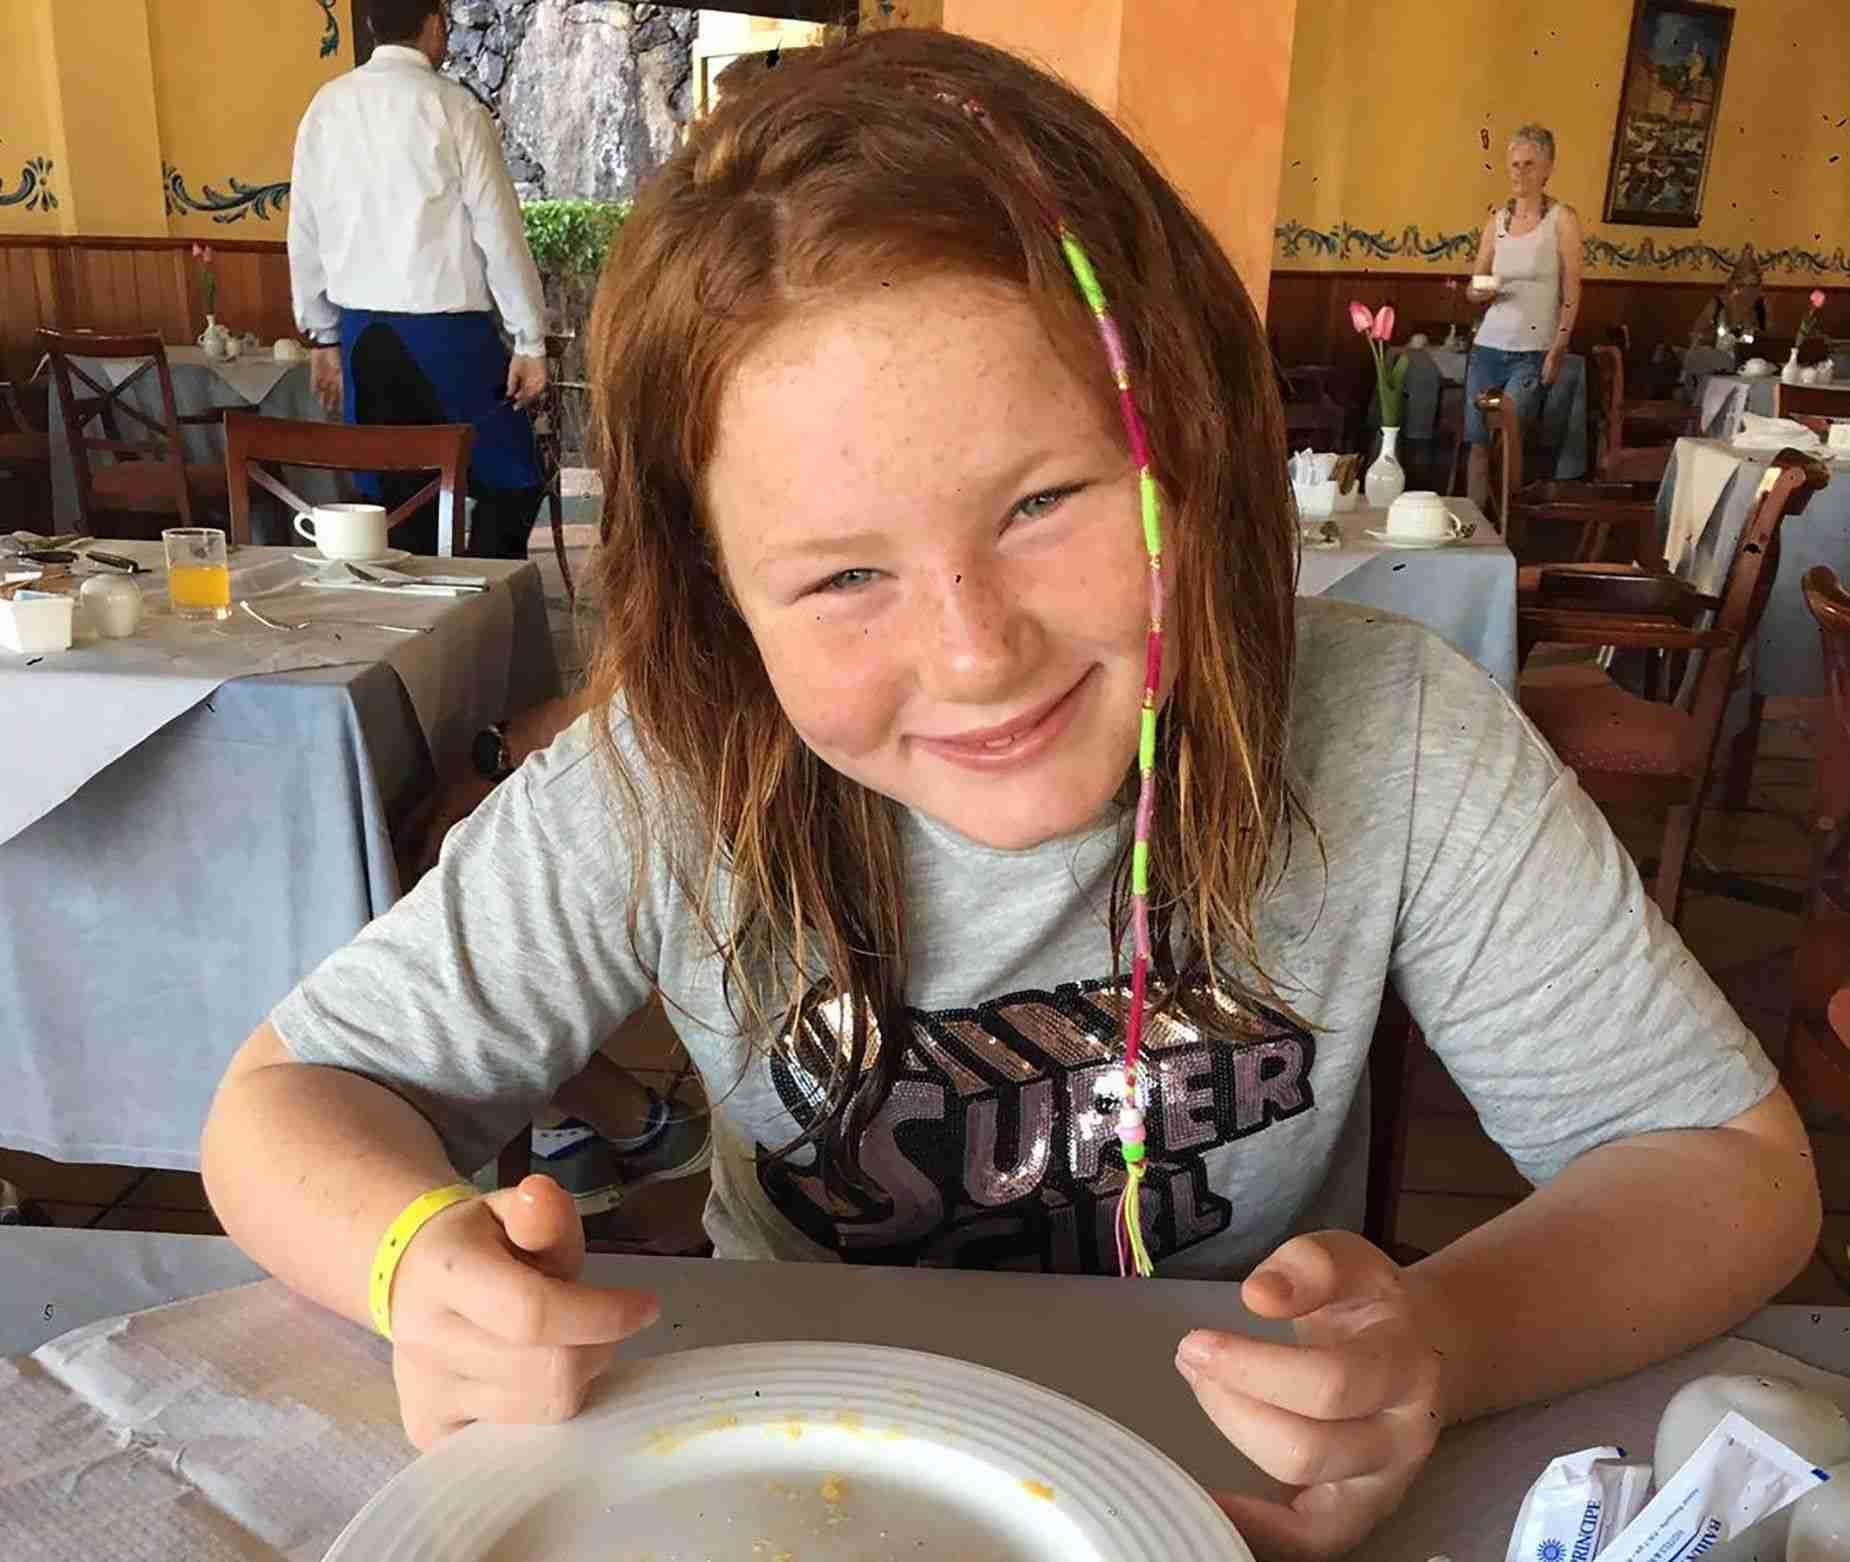 スタバのバリスタに「デブ」と書かれた11歳少女、大ショック(スコットランド)